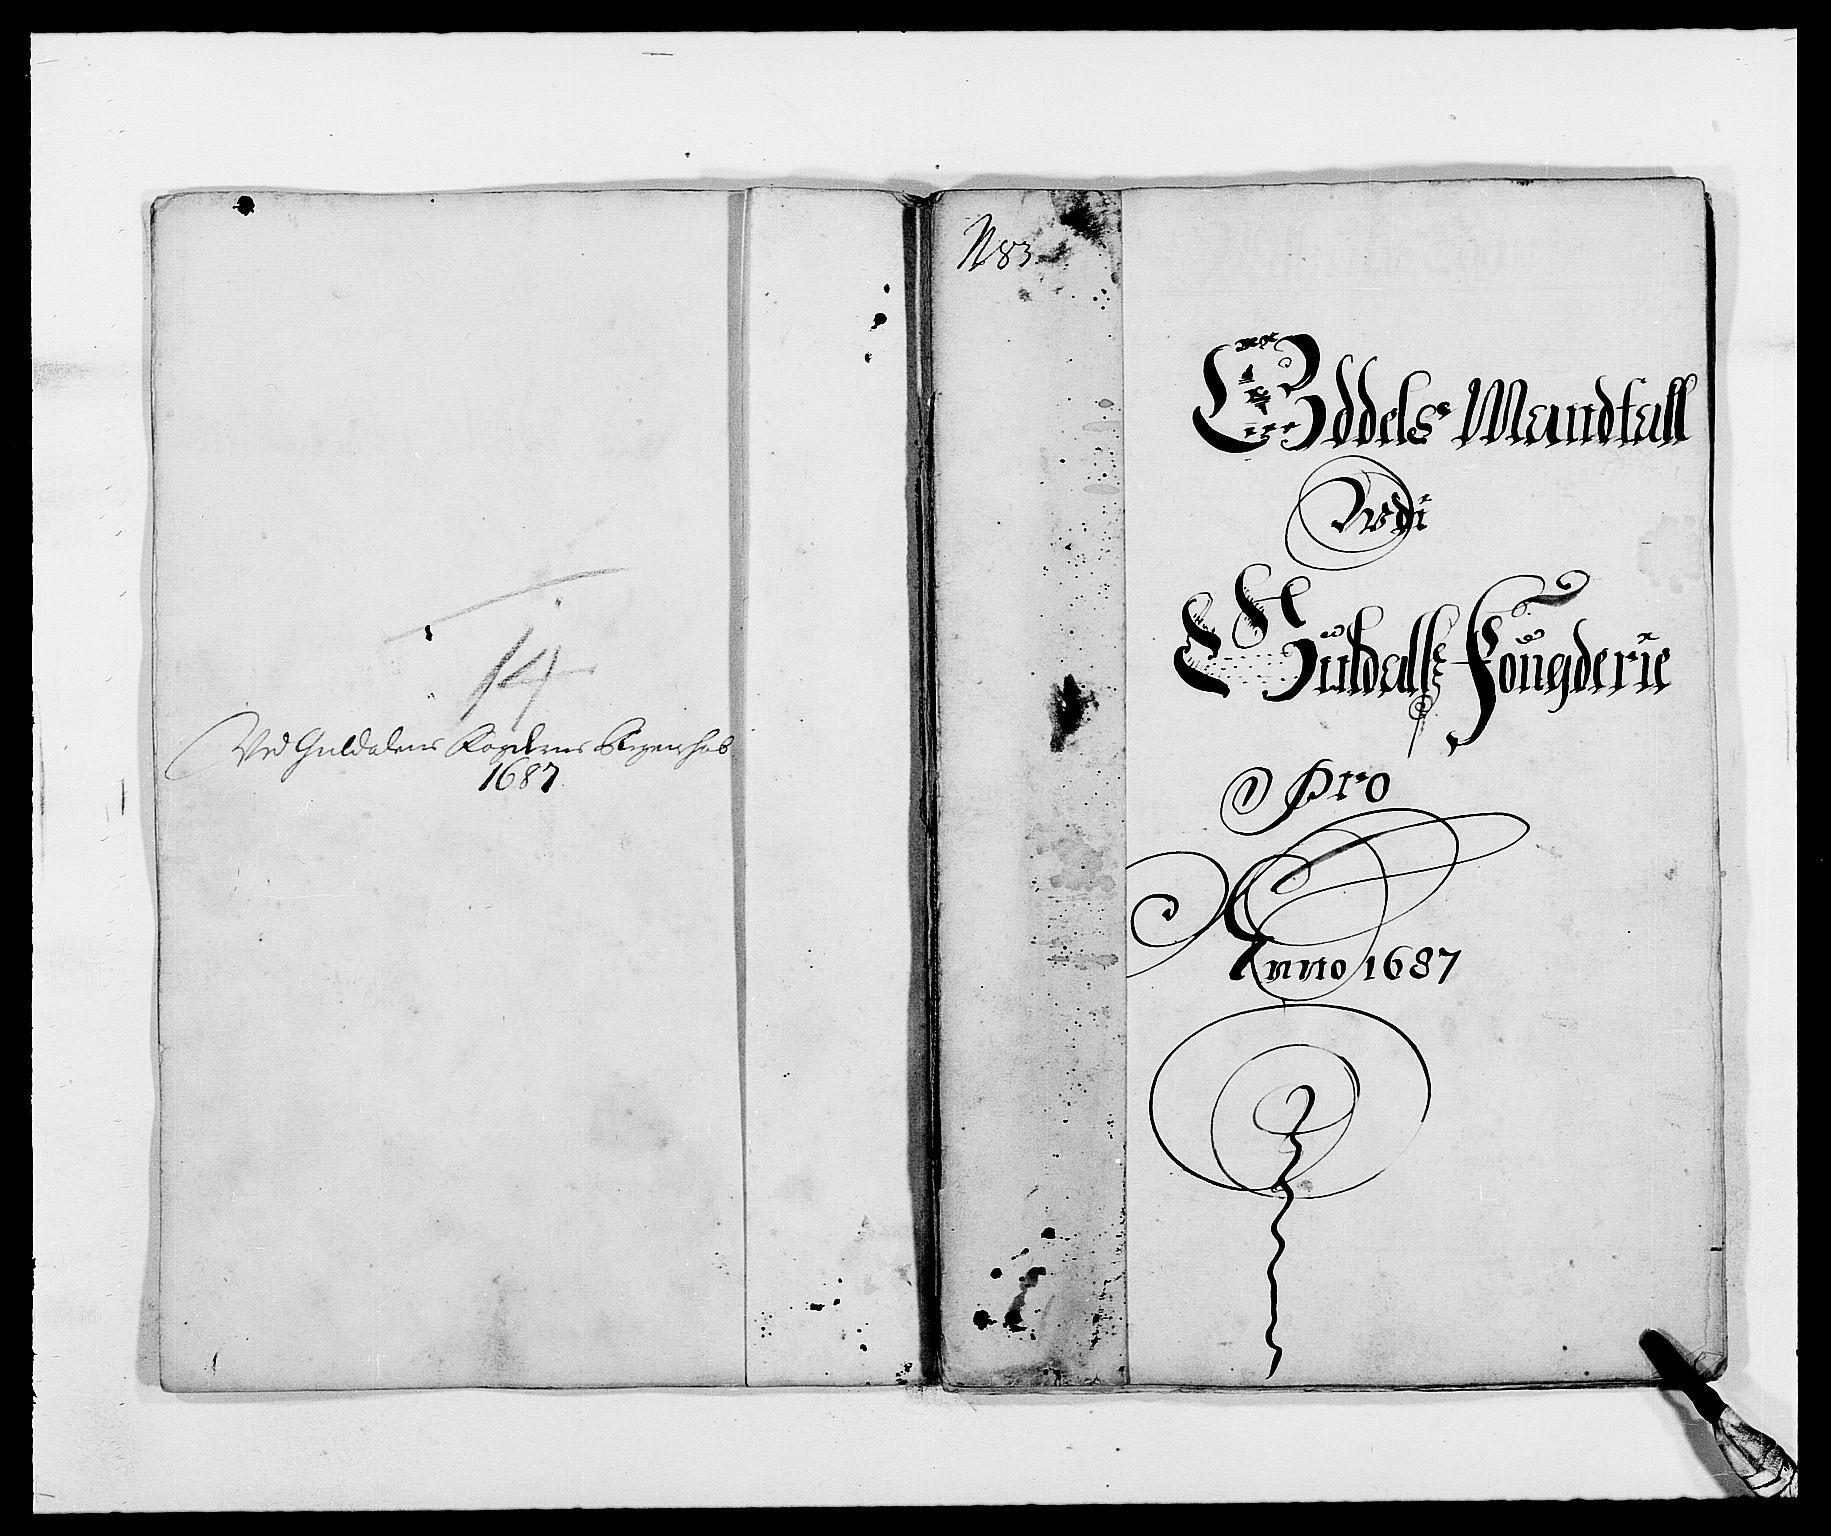 RA, Rentekammeret inntil 1814, Reviderte regnskaper, Fogderegnskap, R59/L3939: Fogderegnskap Gauldal, 1687-1688, s. 61